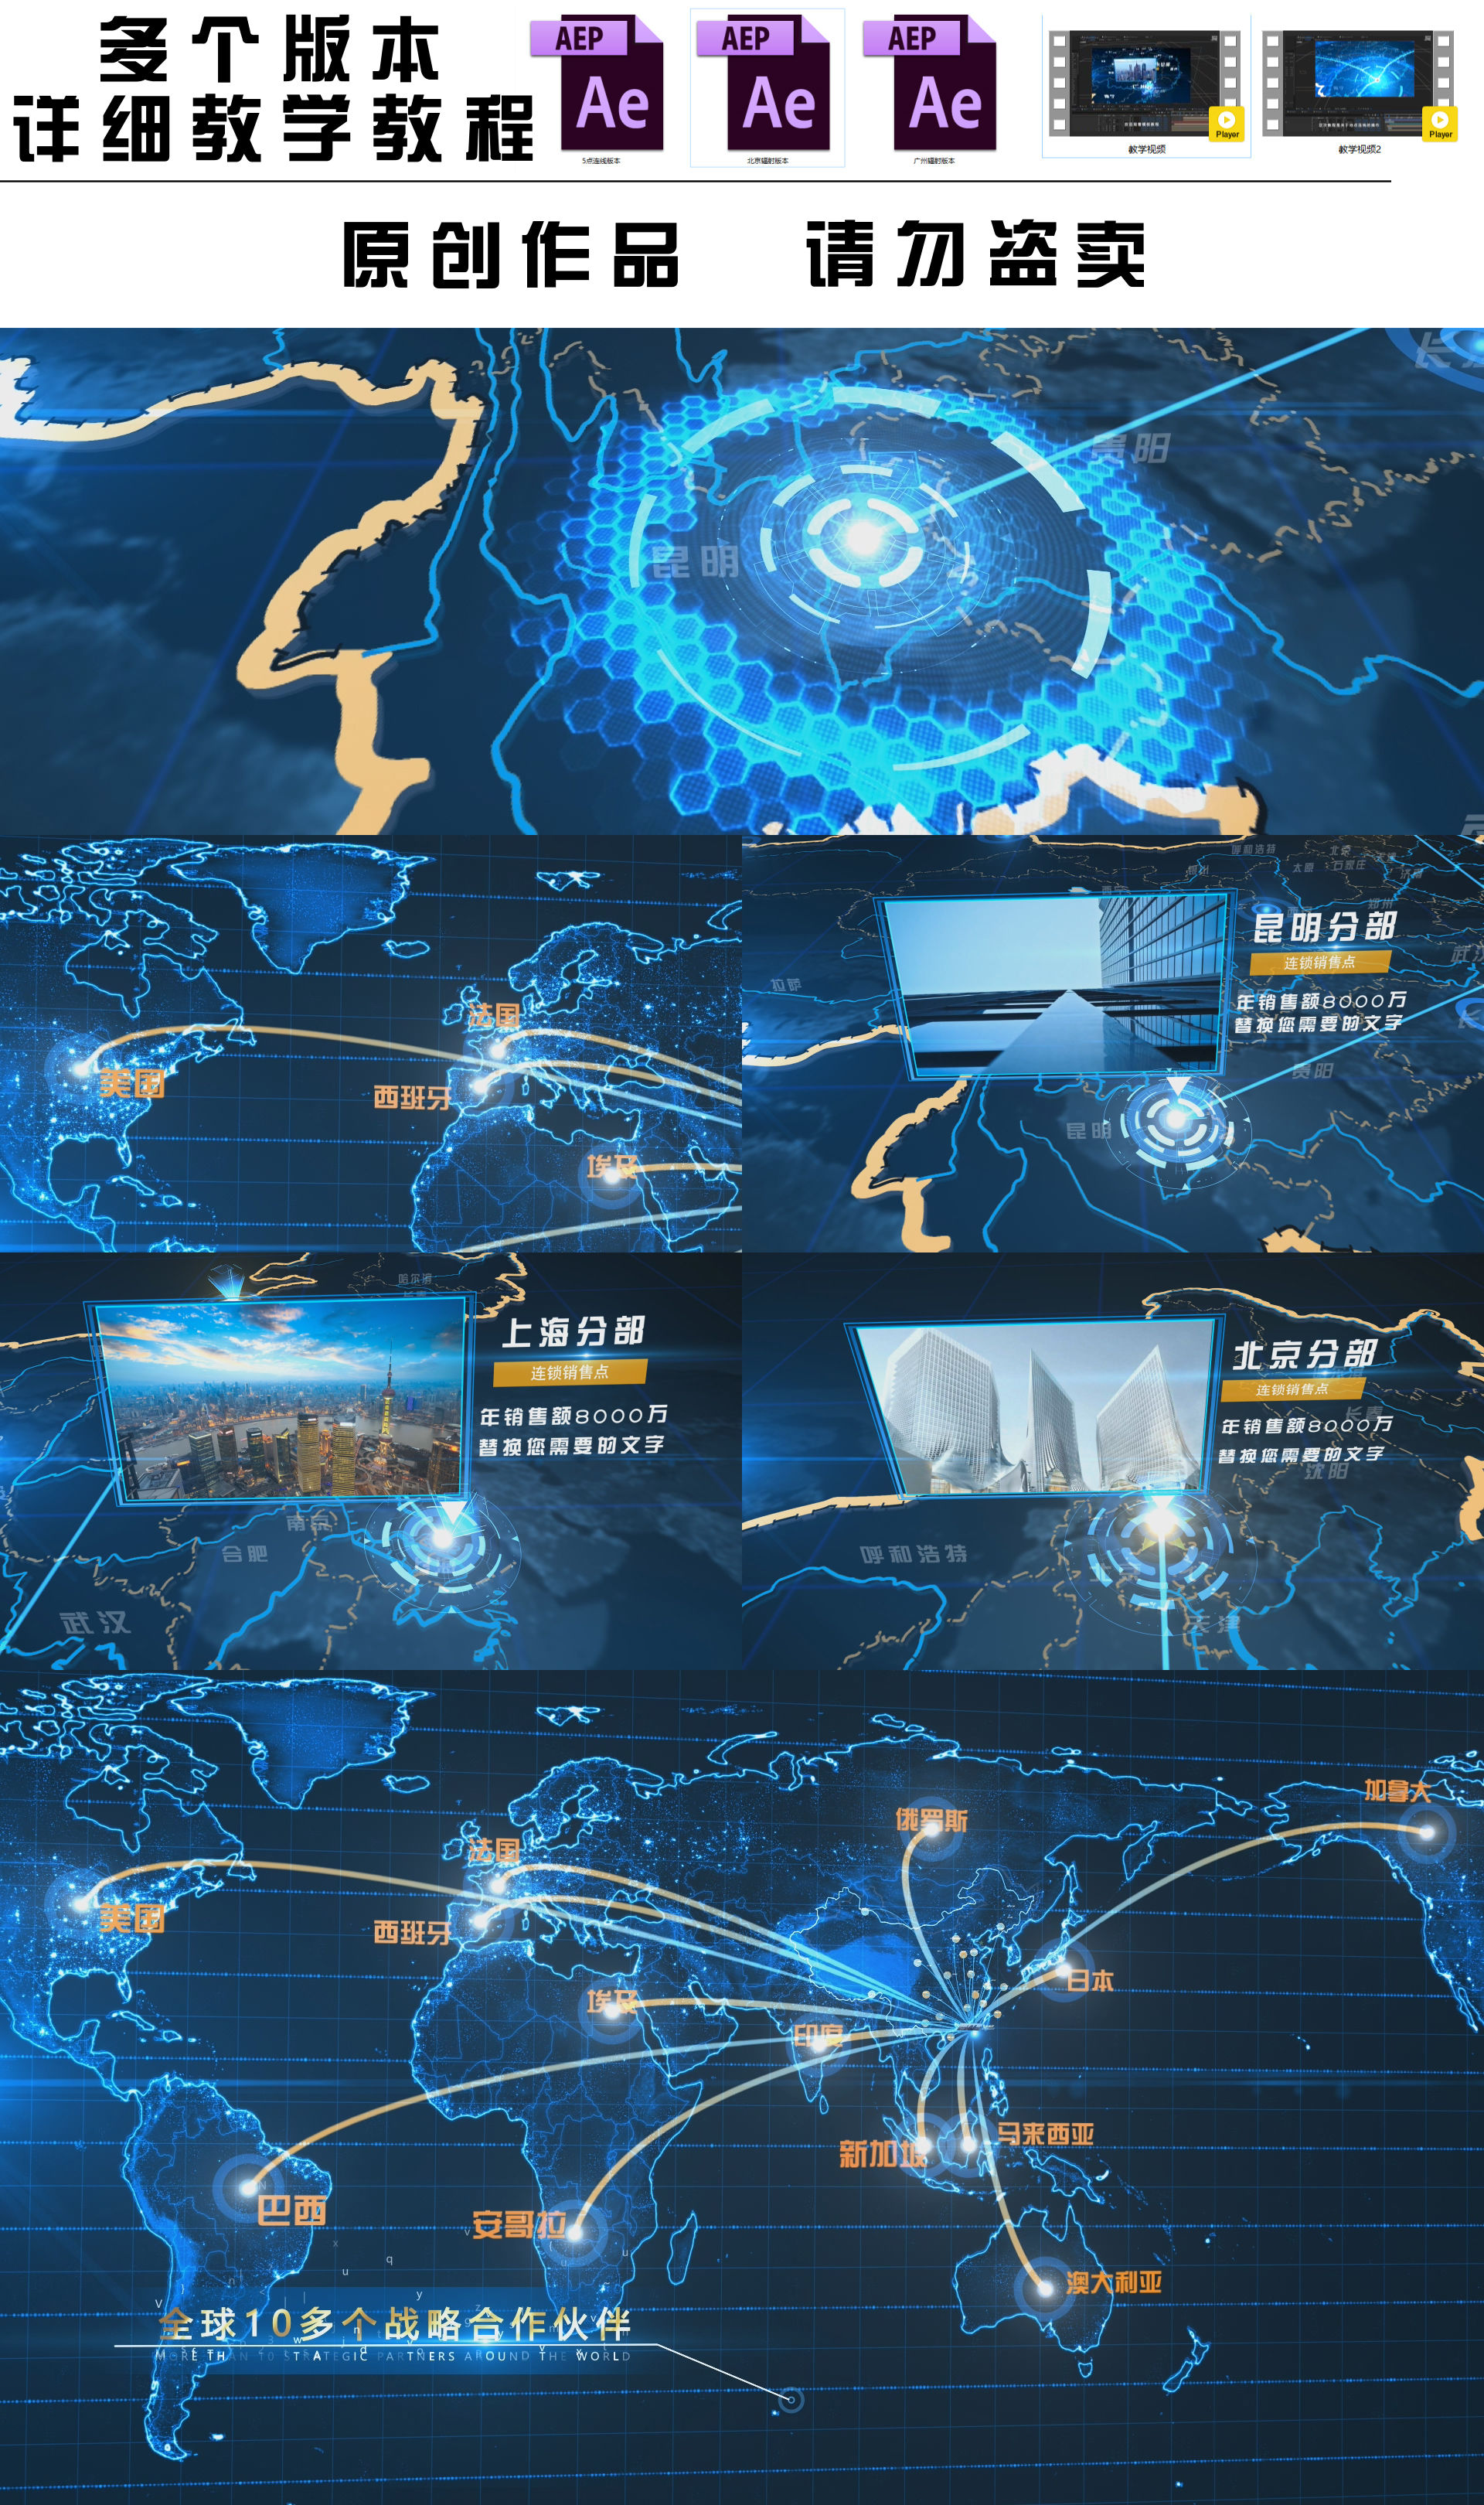 原创超强科技地图模板